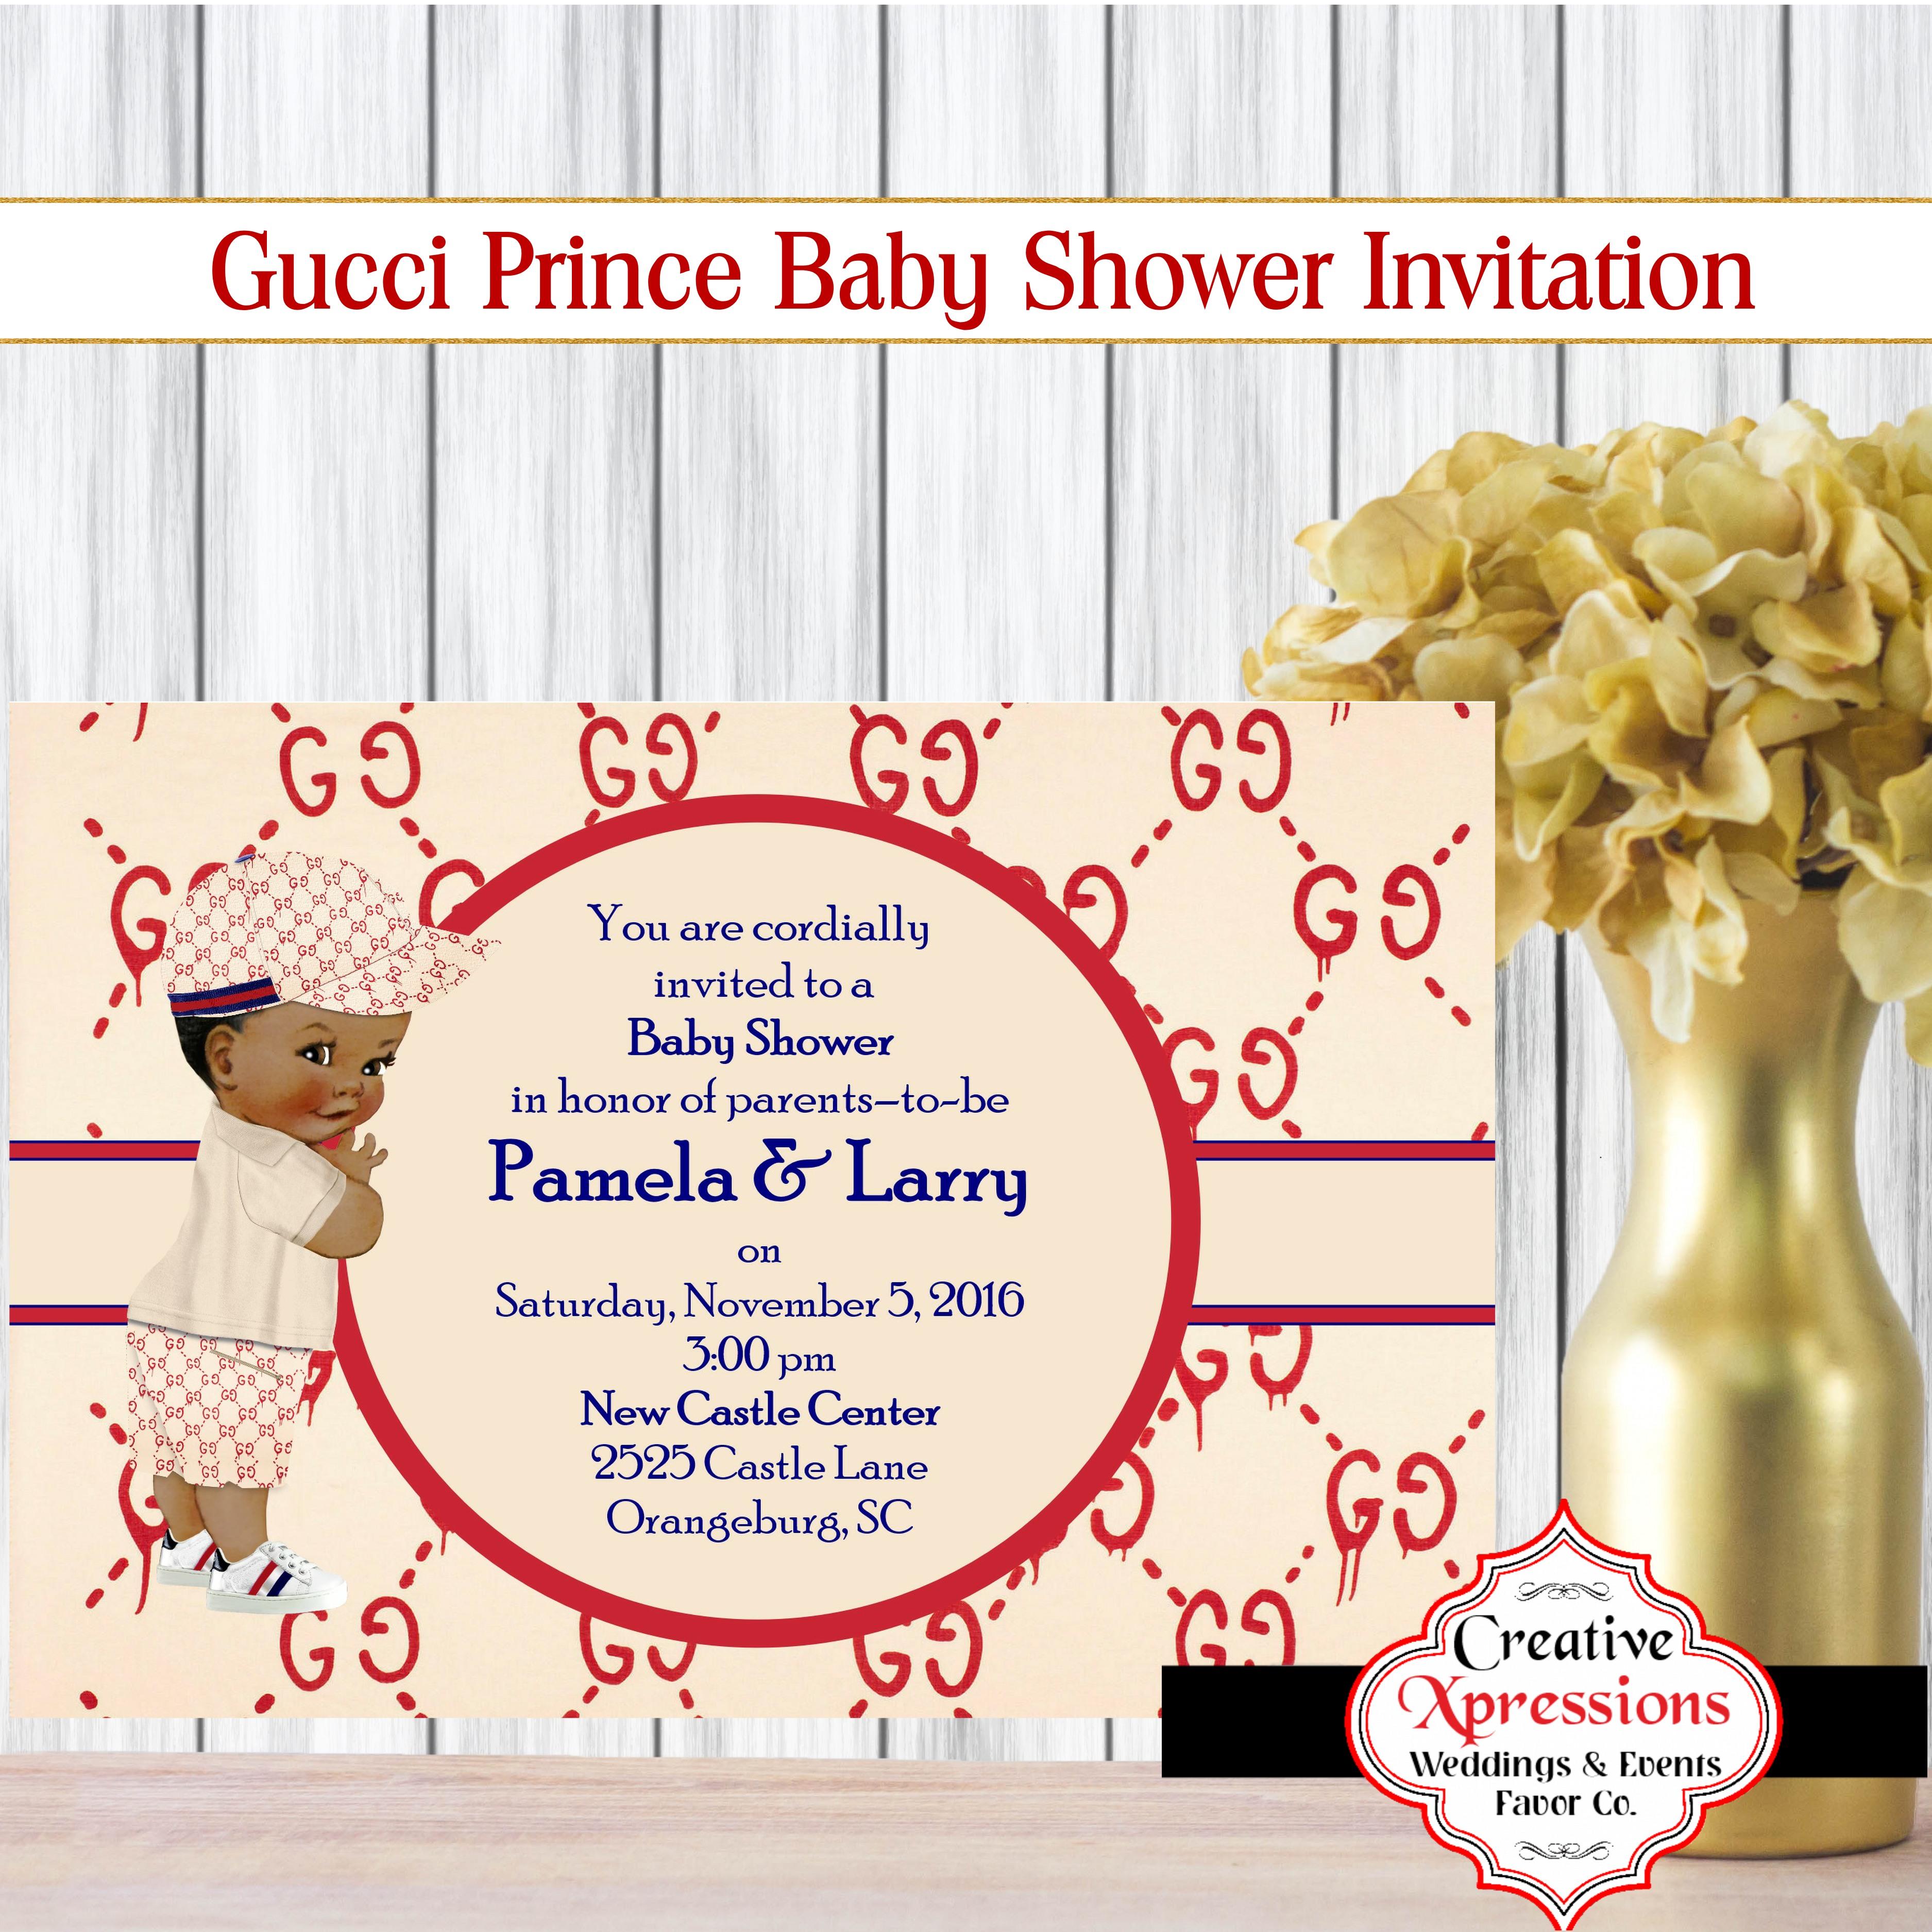 The New Gucci Shower Invitation